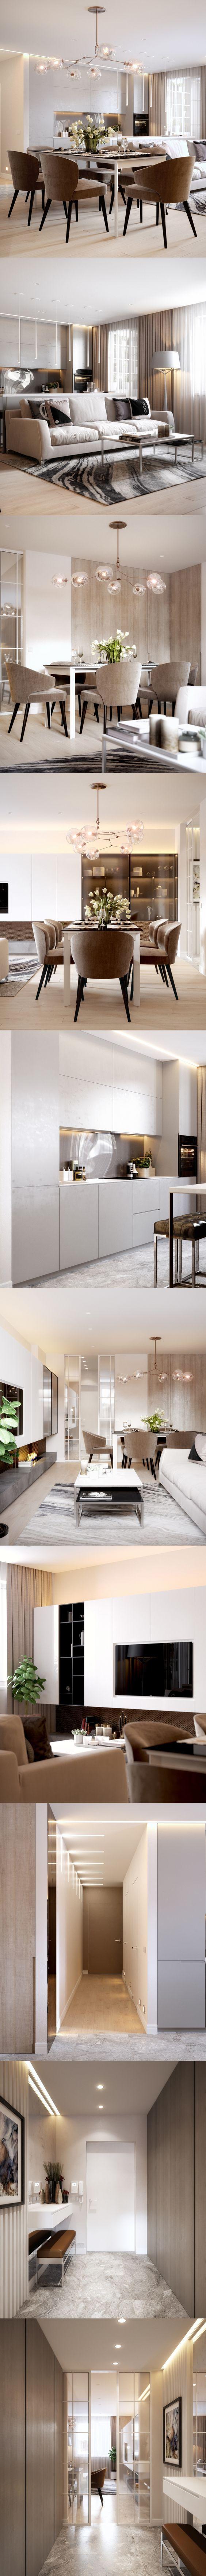 Невероятные проекты, которые вдохновят каждого любителя дизайна интерьера! #дизайнинтерьера #интерьер #вдохновение #длядома #оформлениекомнаты #interiordesign #interiorinspiration #topinteriors Посмотреть интересные изделия: http://brabbu.com/all-products/